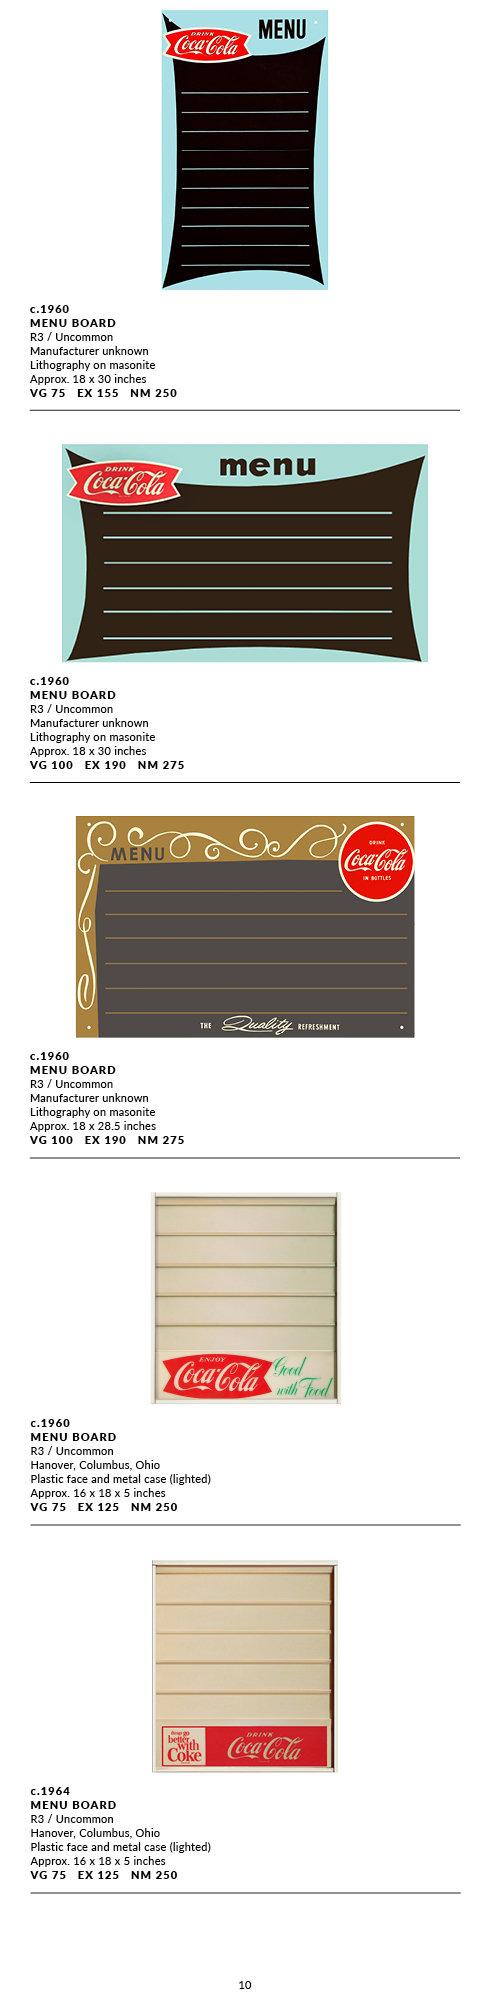 Menu Boards10.jpg